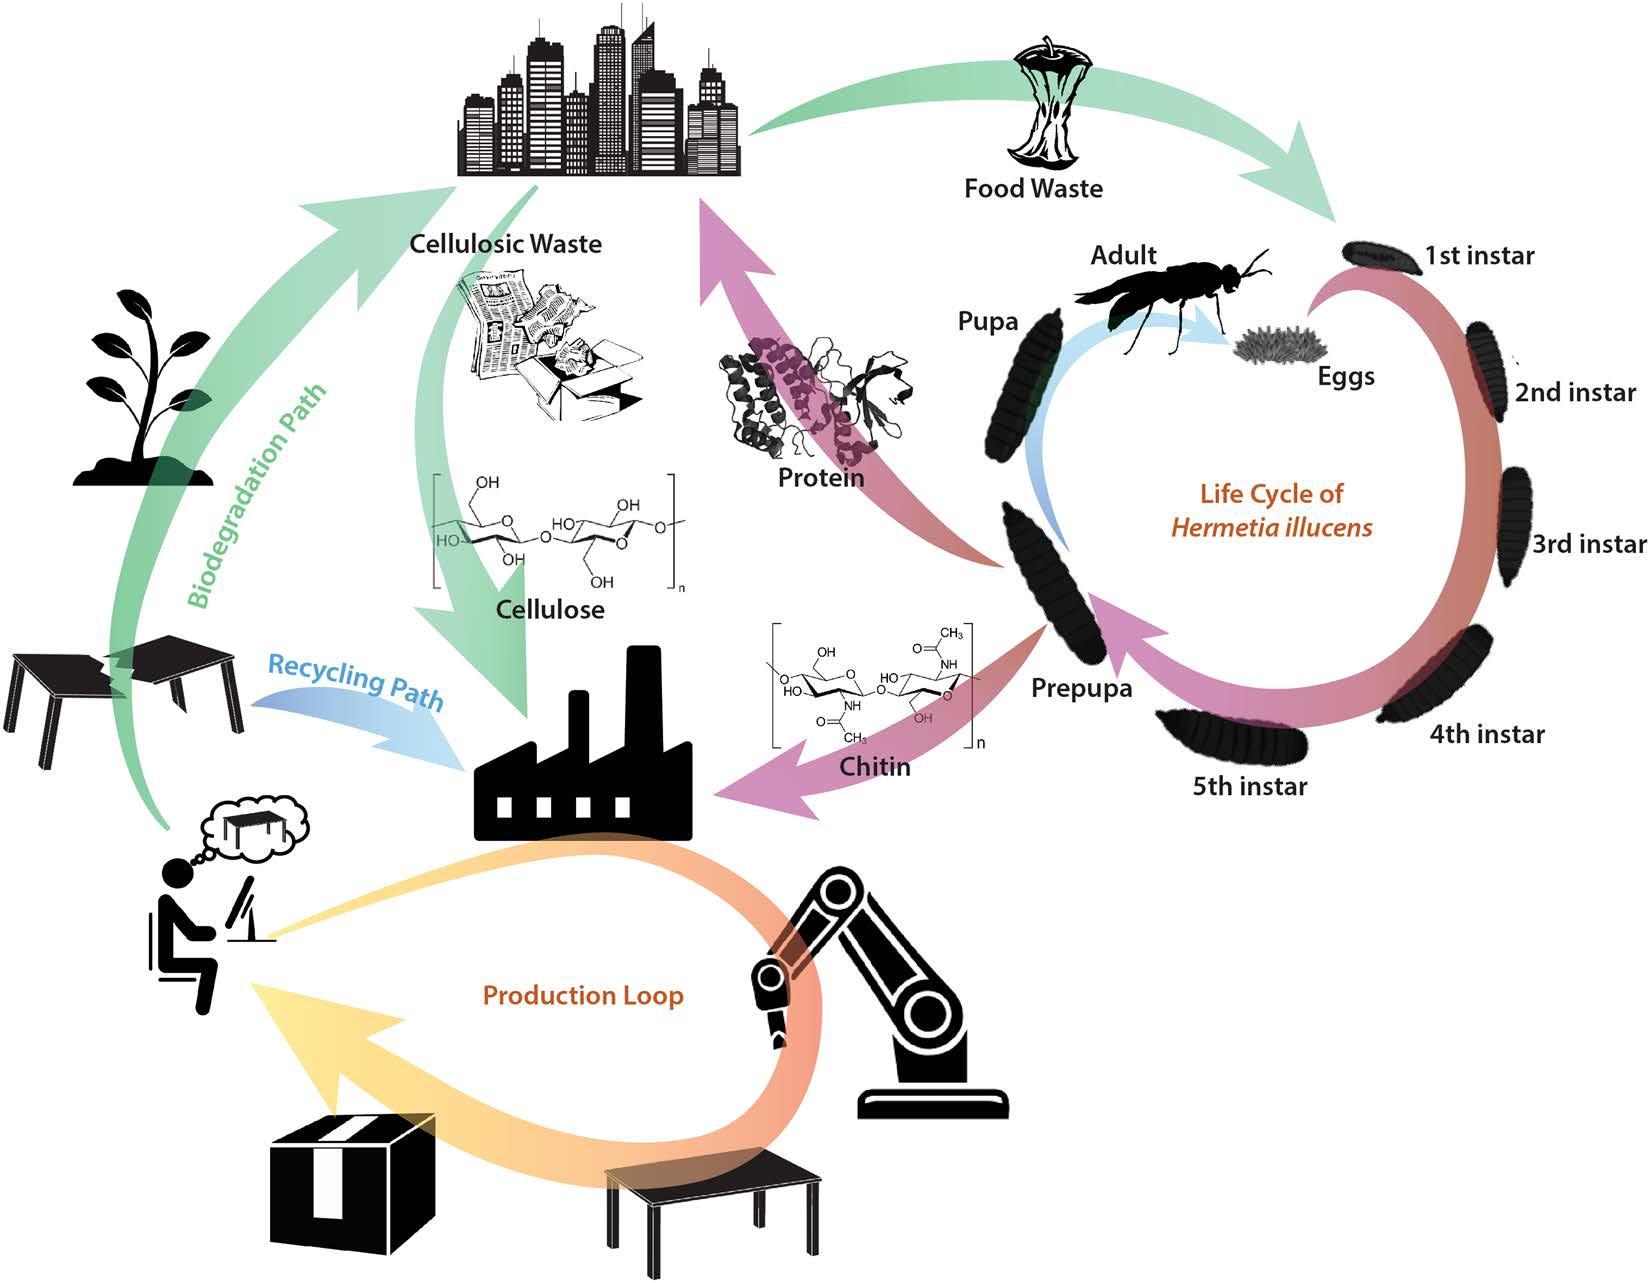 Schema di economia circolare del cibo